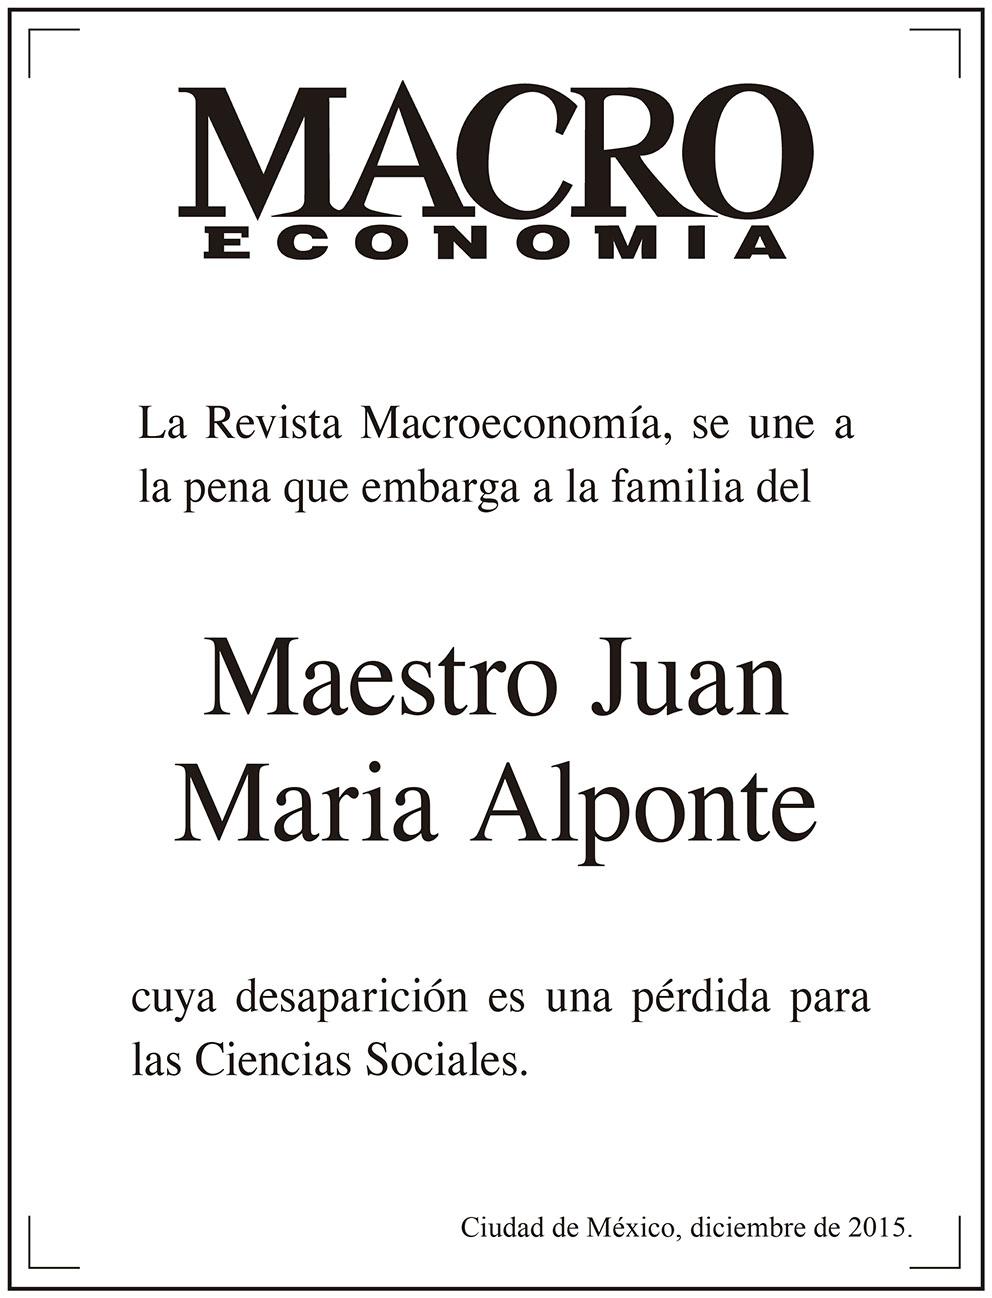 Photo of La Revista Macroeconomía, se une a la pena que embarga a la familia del Maestro Juan María Aponte